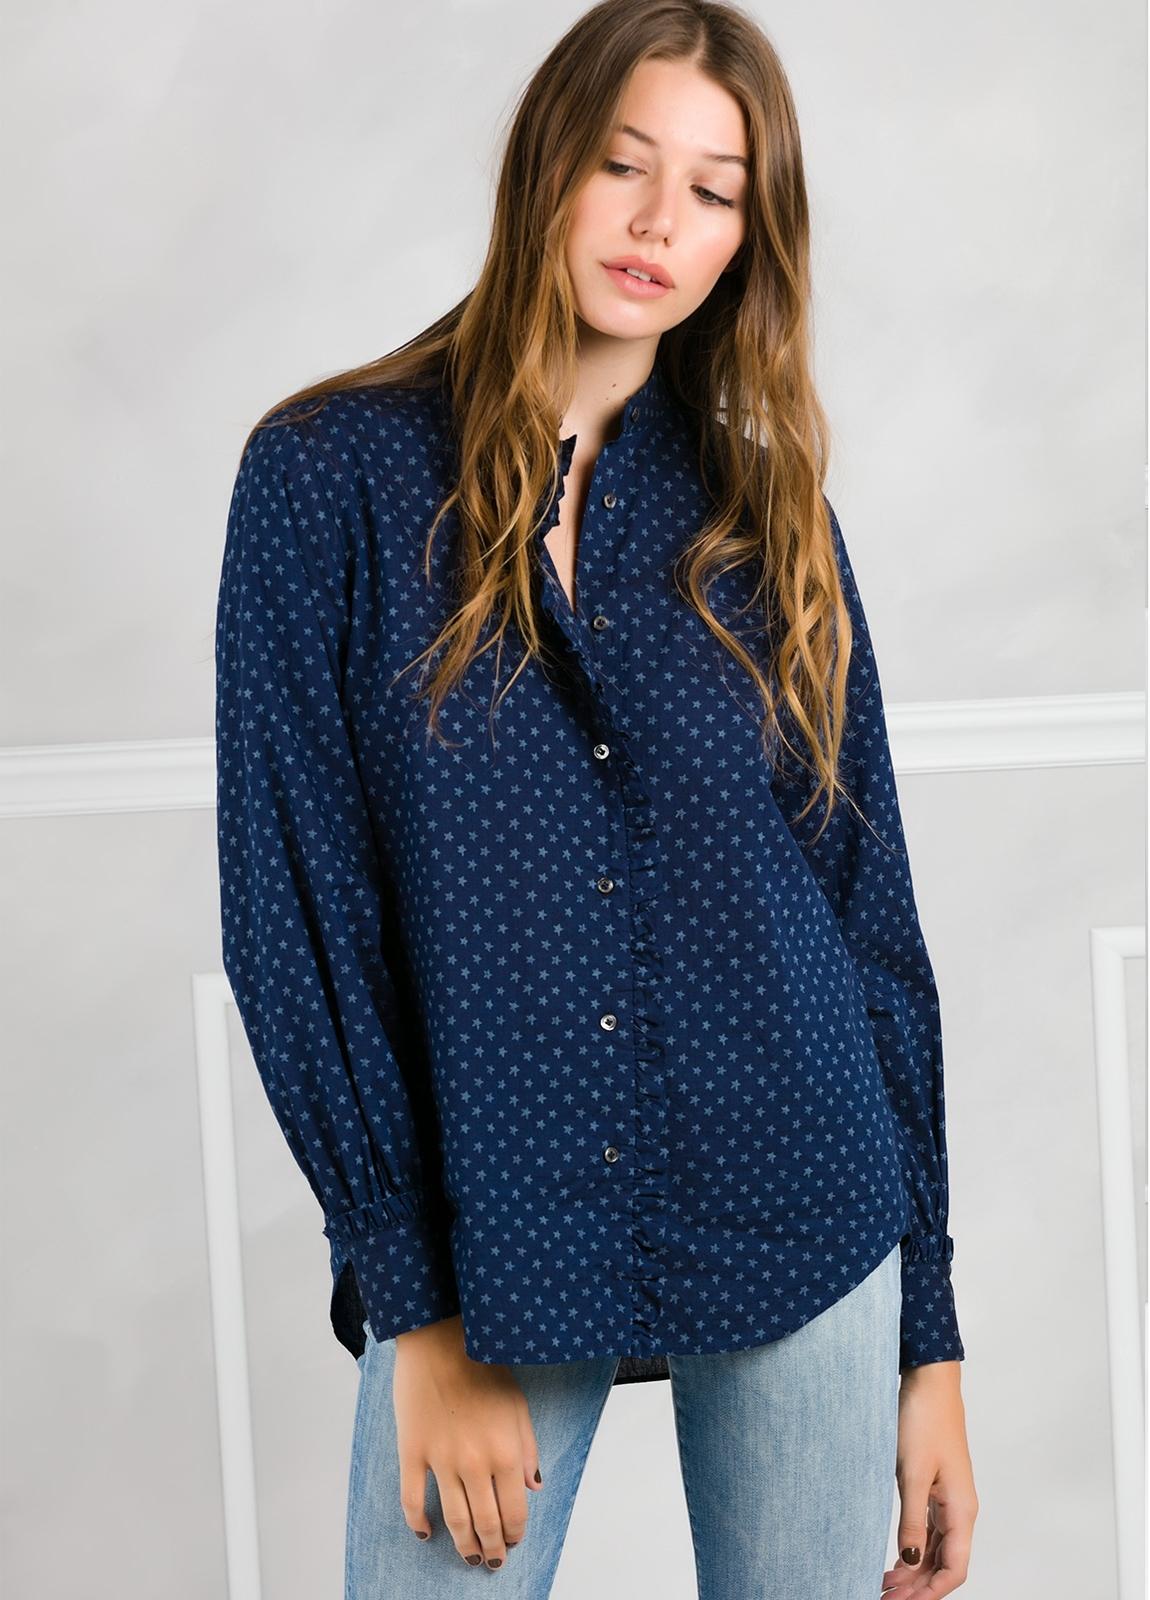 Camisa woman modelo SHEILAJ estampado estrellas color azul tinta.